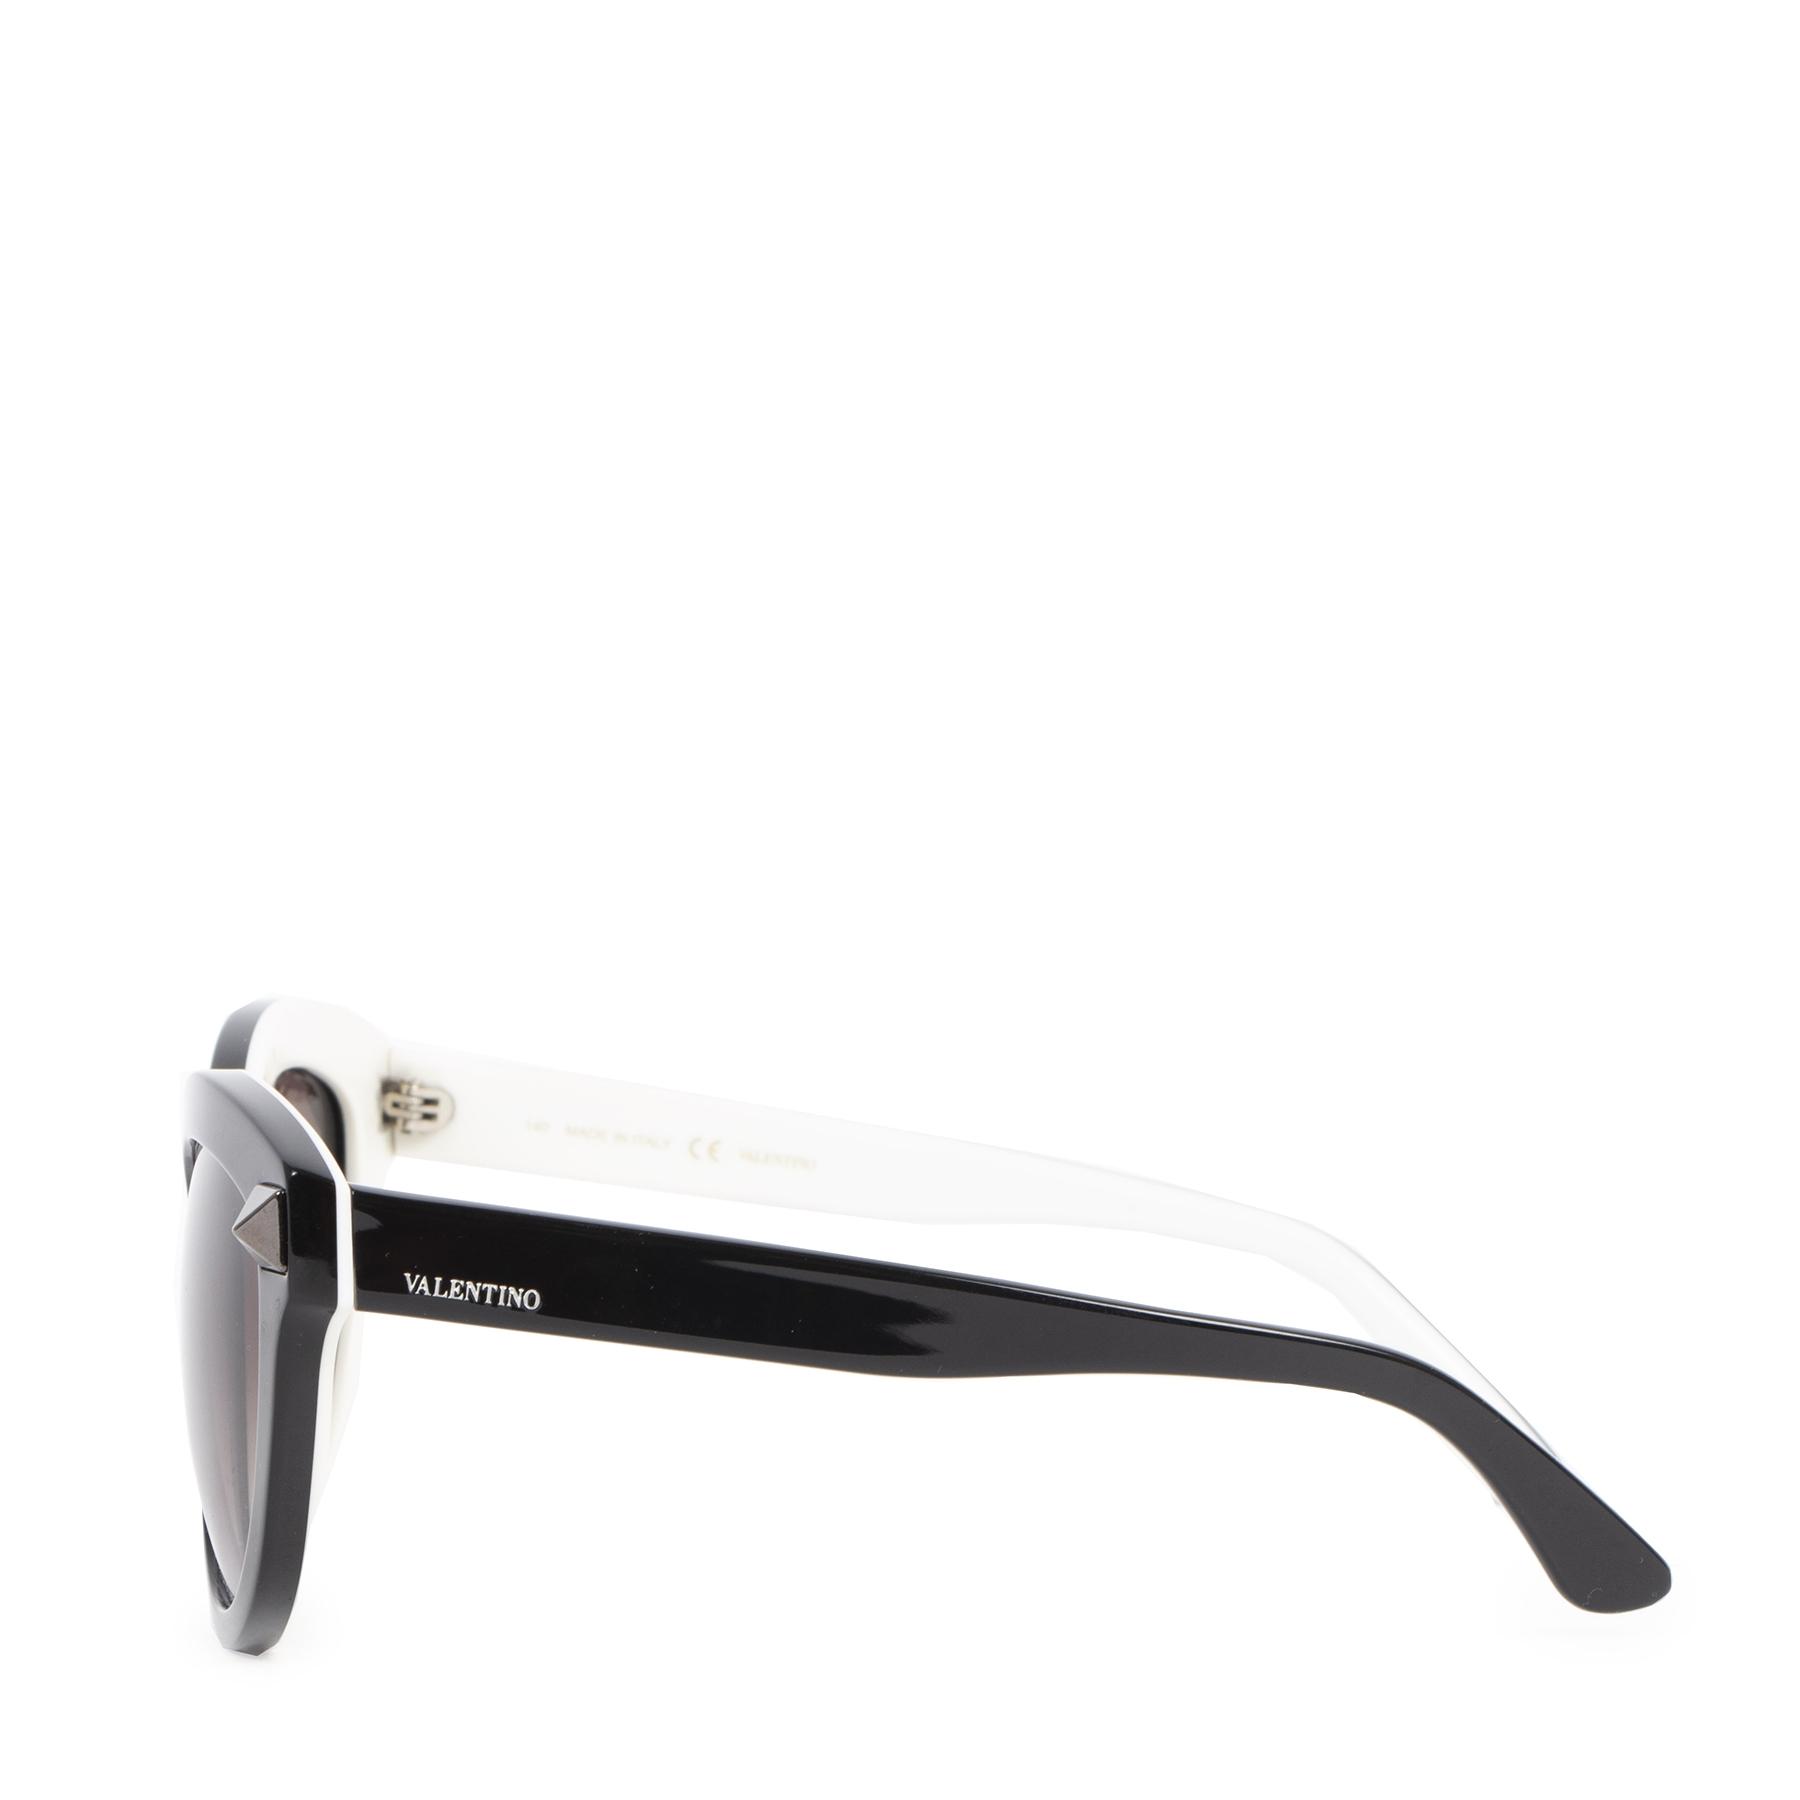 Authentieke Tweedehands Valentino Black Stud Cat-Eye Sunglasses juiste prijs veilig online shoppen luxe merken webshop winkelen Antwerpen België mode fashion